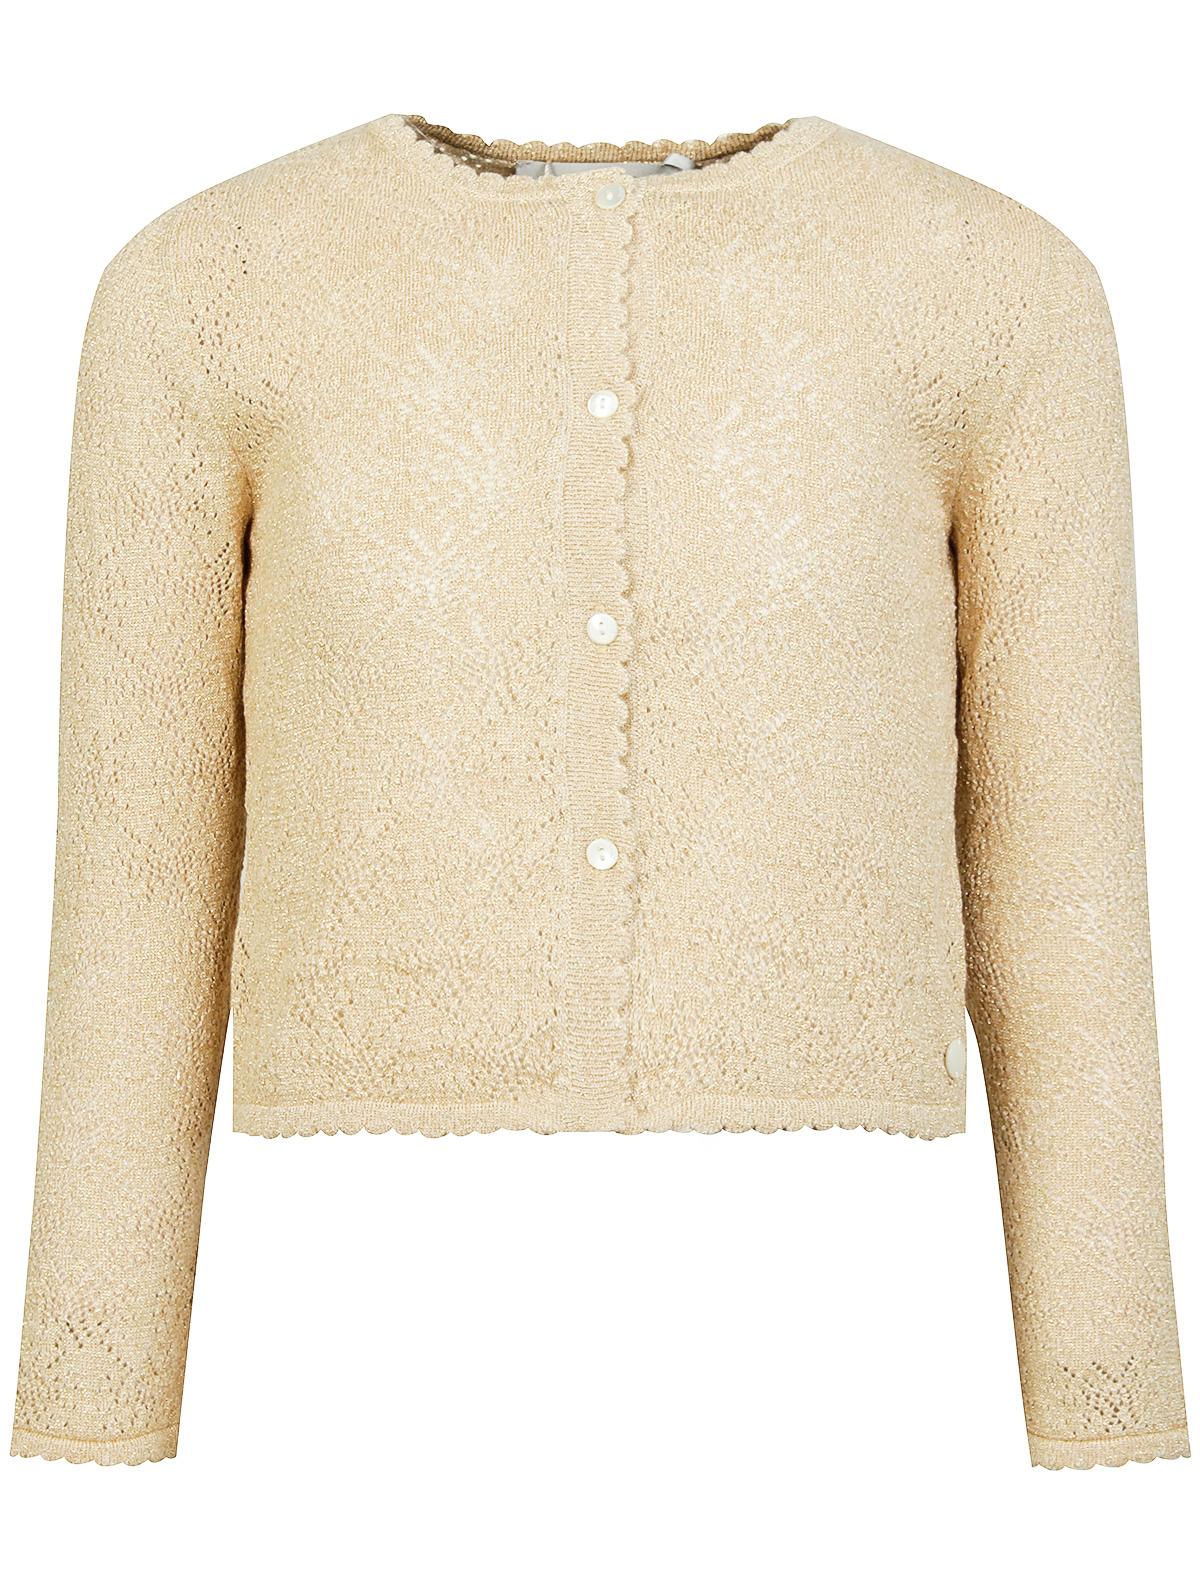 Купить 1955112, Кардиган Dior, разноцветный, Женский, 1400109970201